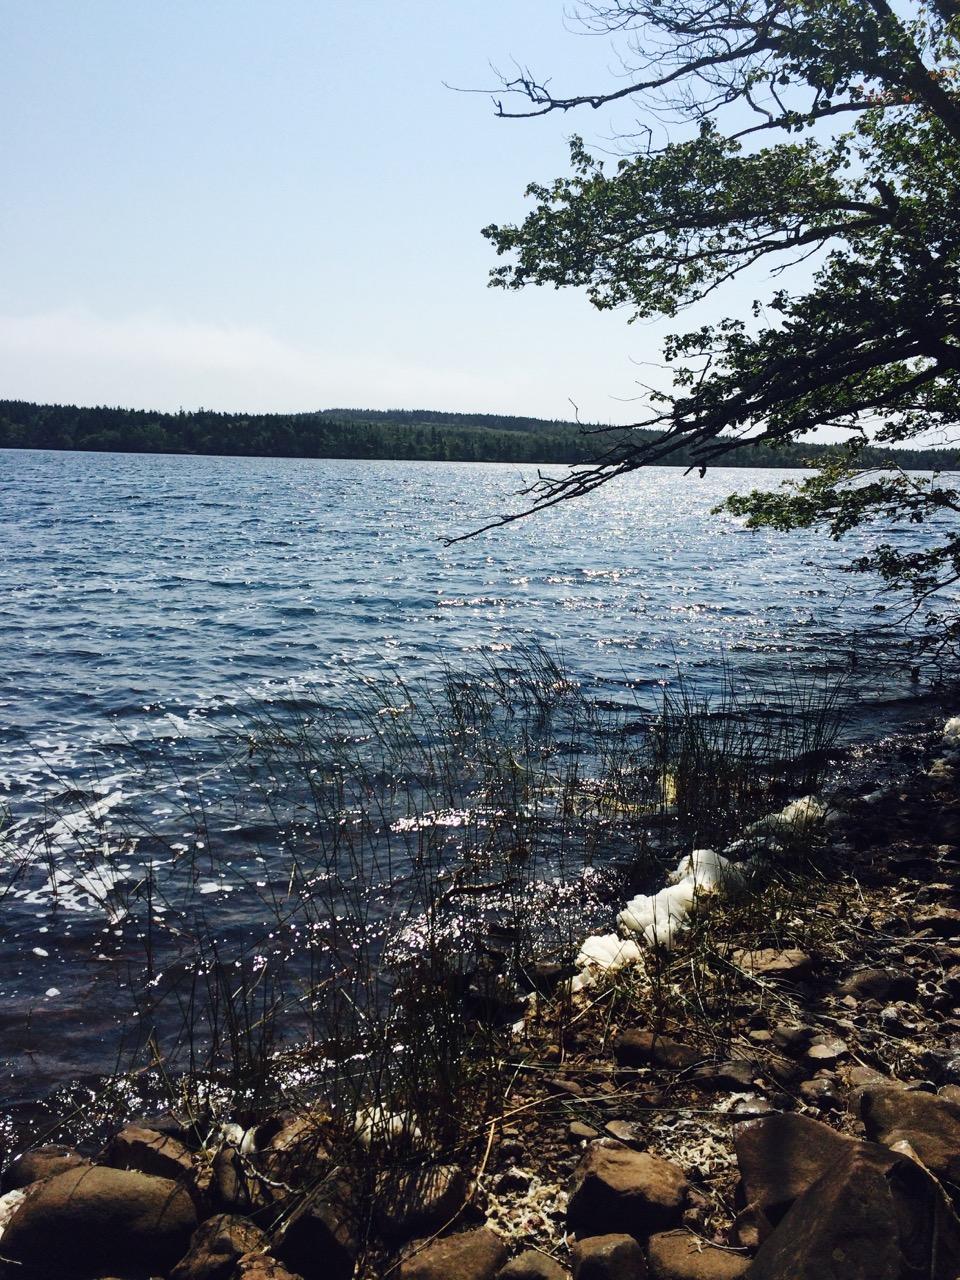 Lake Midway, Digby Neck, Nova Scotia